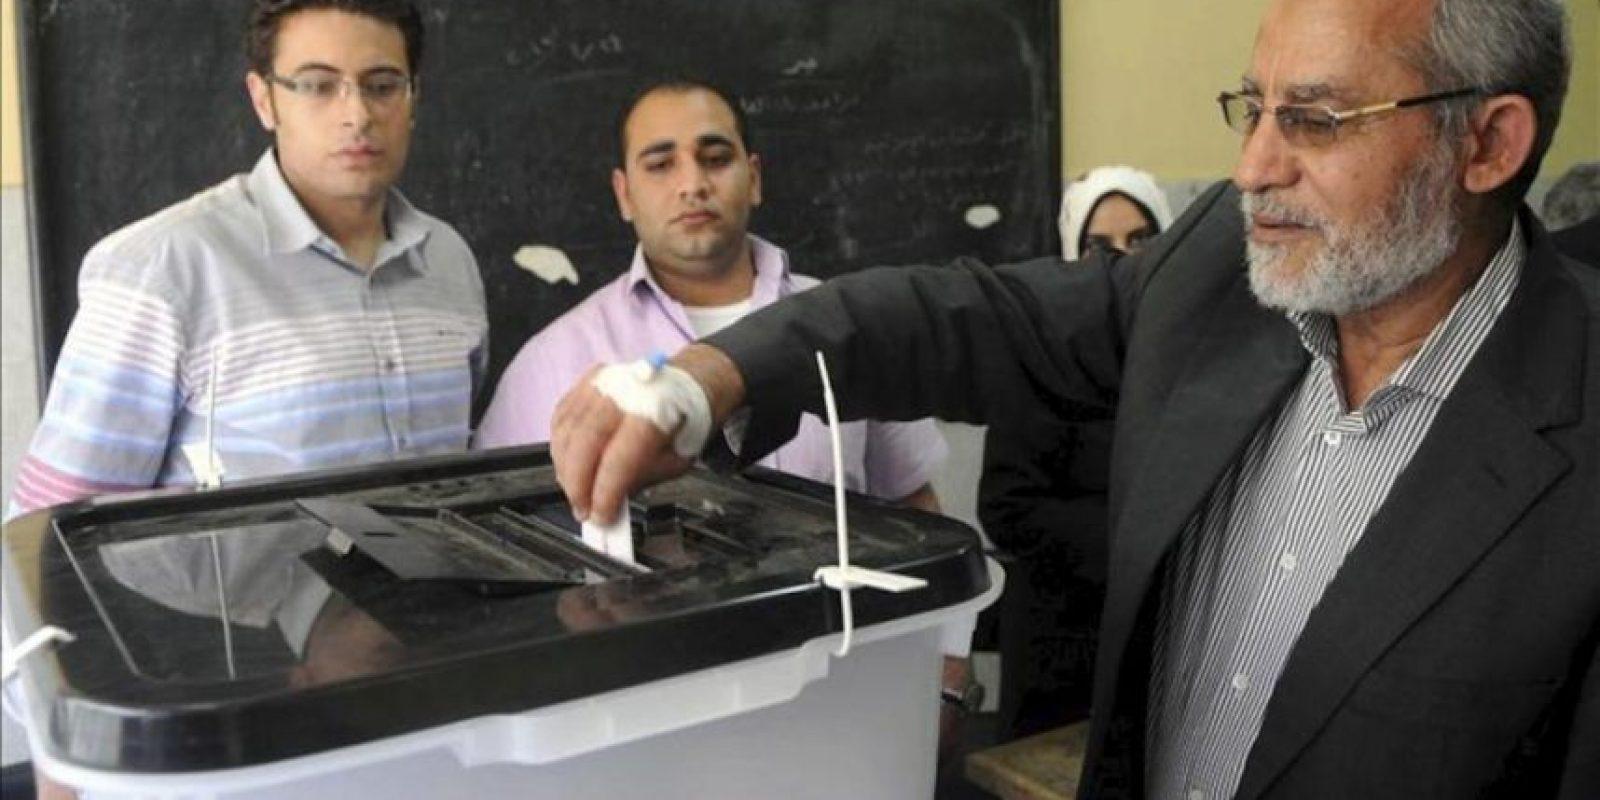 El líder de los Hermanos Musulmanes de Egipto, Mohamed Badie, vota en un colegio electoral de Beni Suef (Egipto). EFE